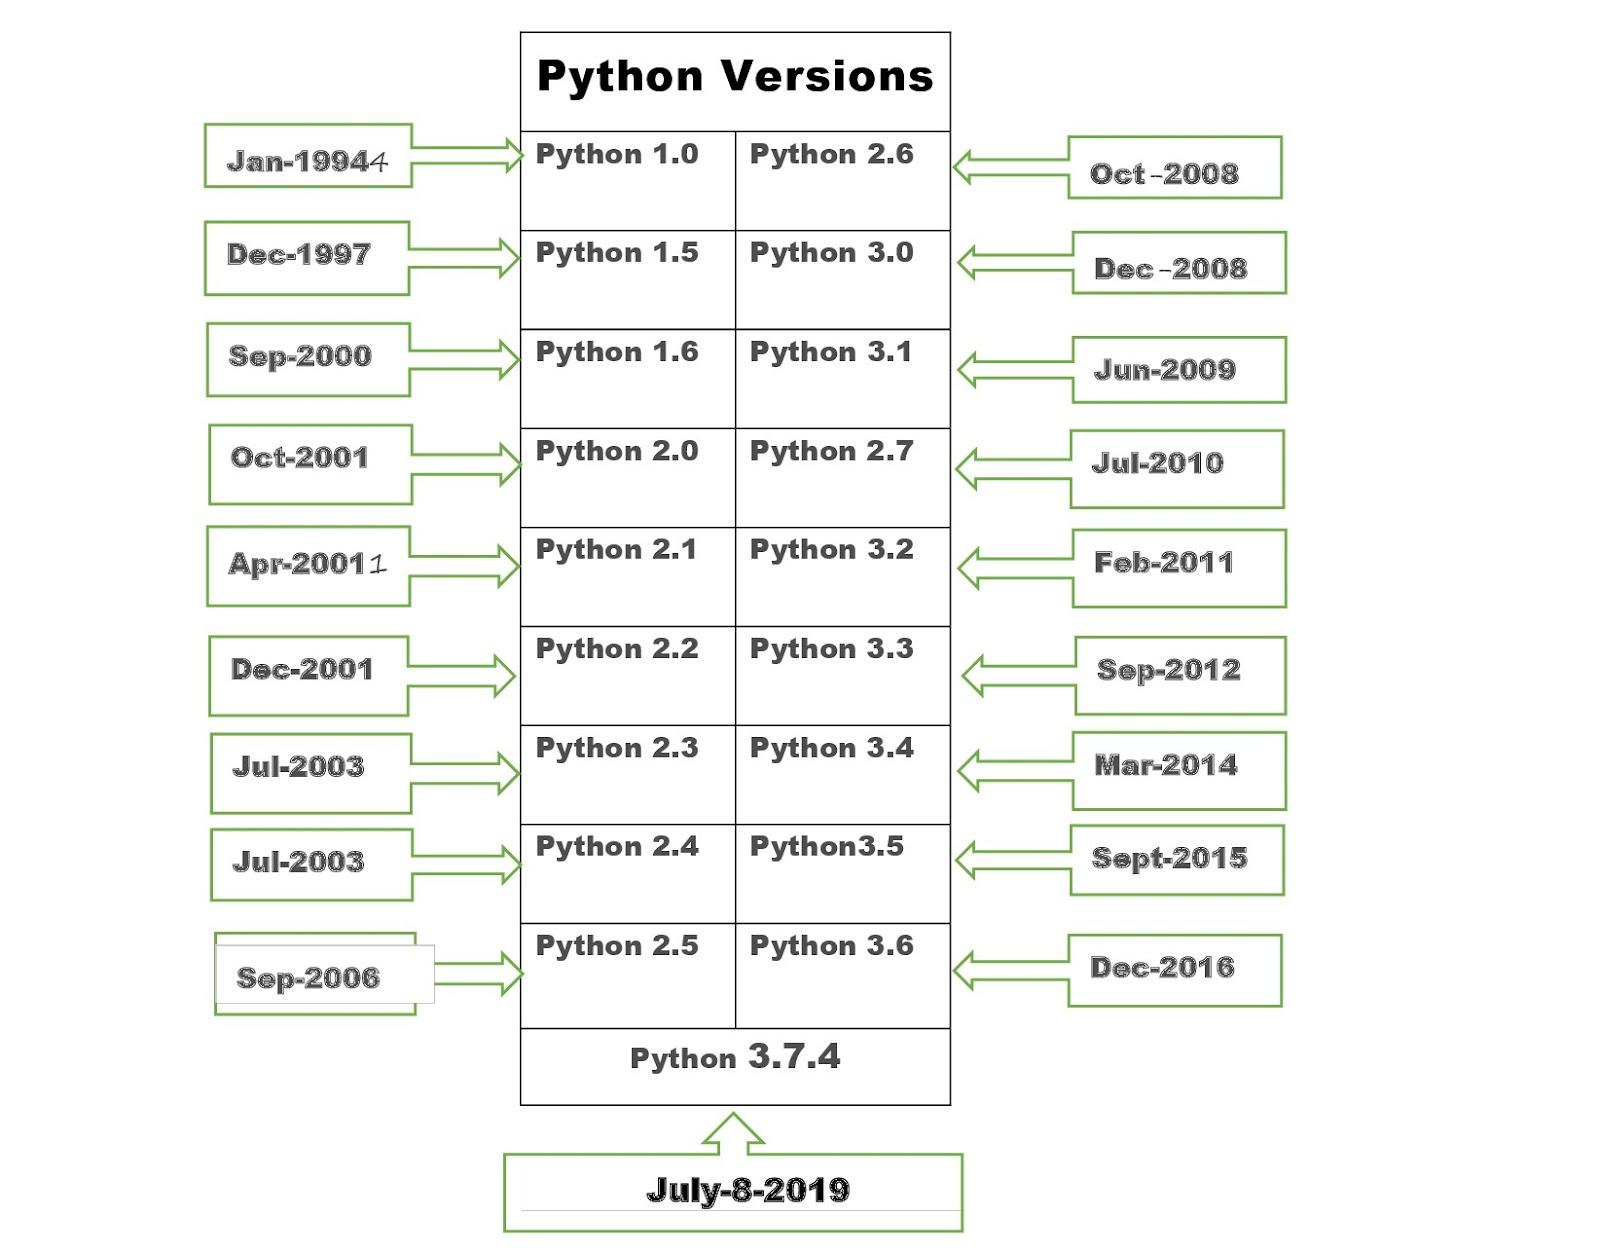 Versions of C# language